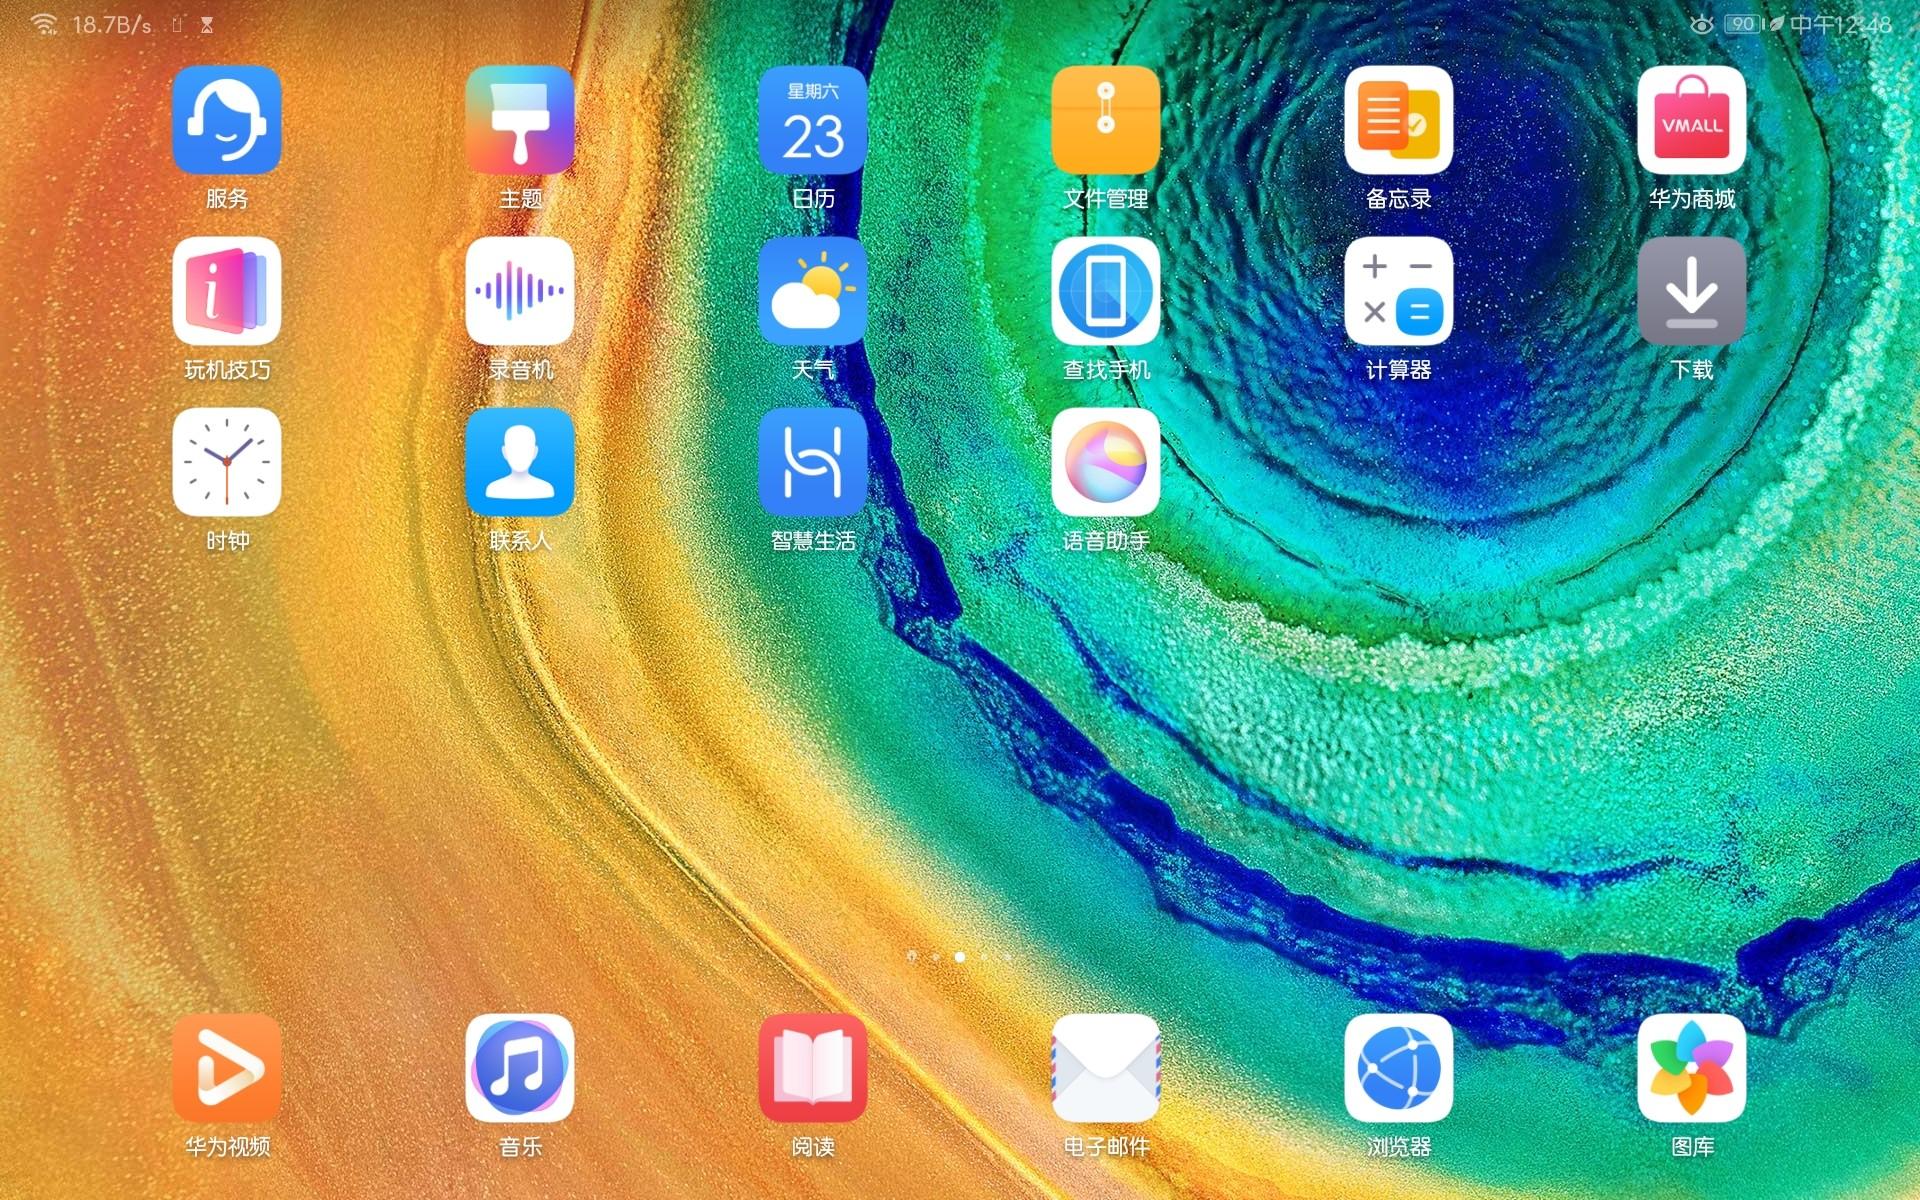 Screenshot_20200523_124809_com.huawei.android.launcher.jpg